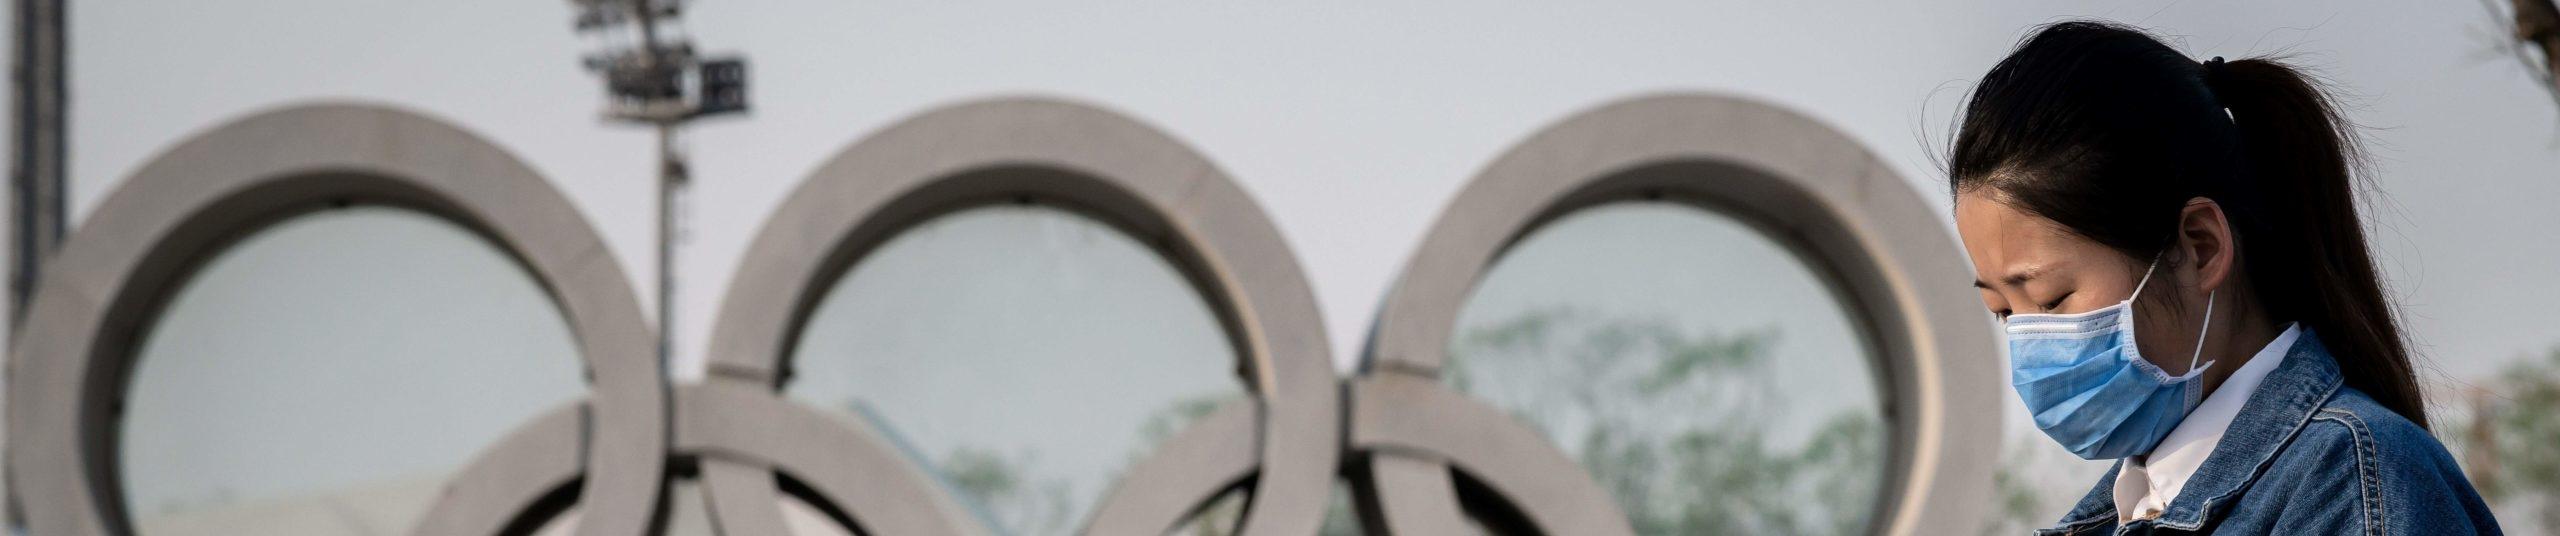 Olimpiadi 2020, il rinvio è ufficiale: i Giochi andranno in scena nel 2021